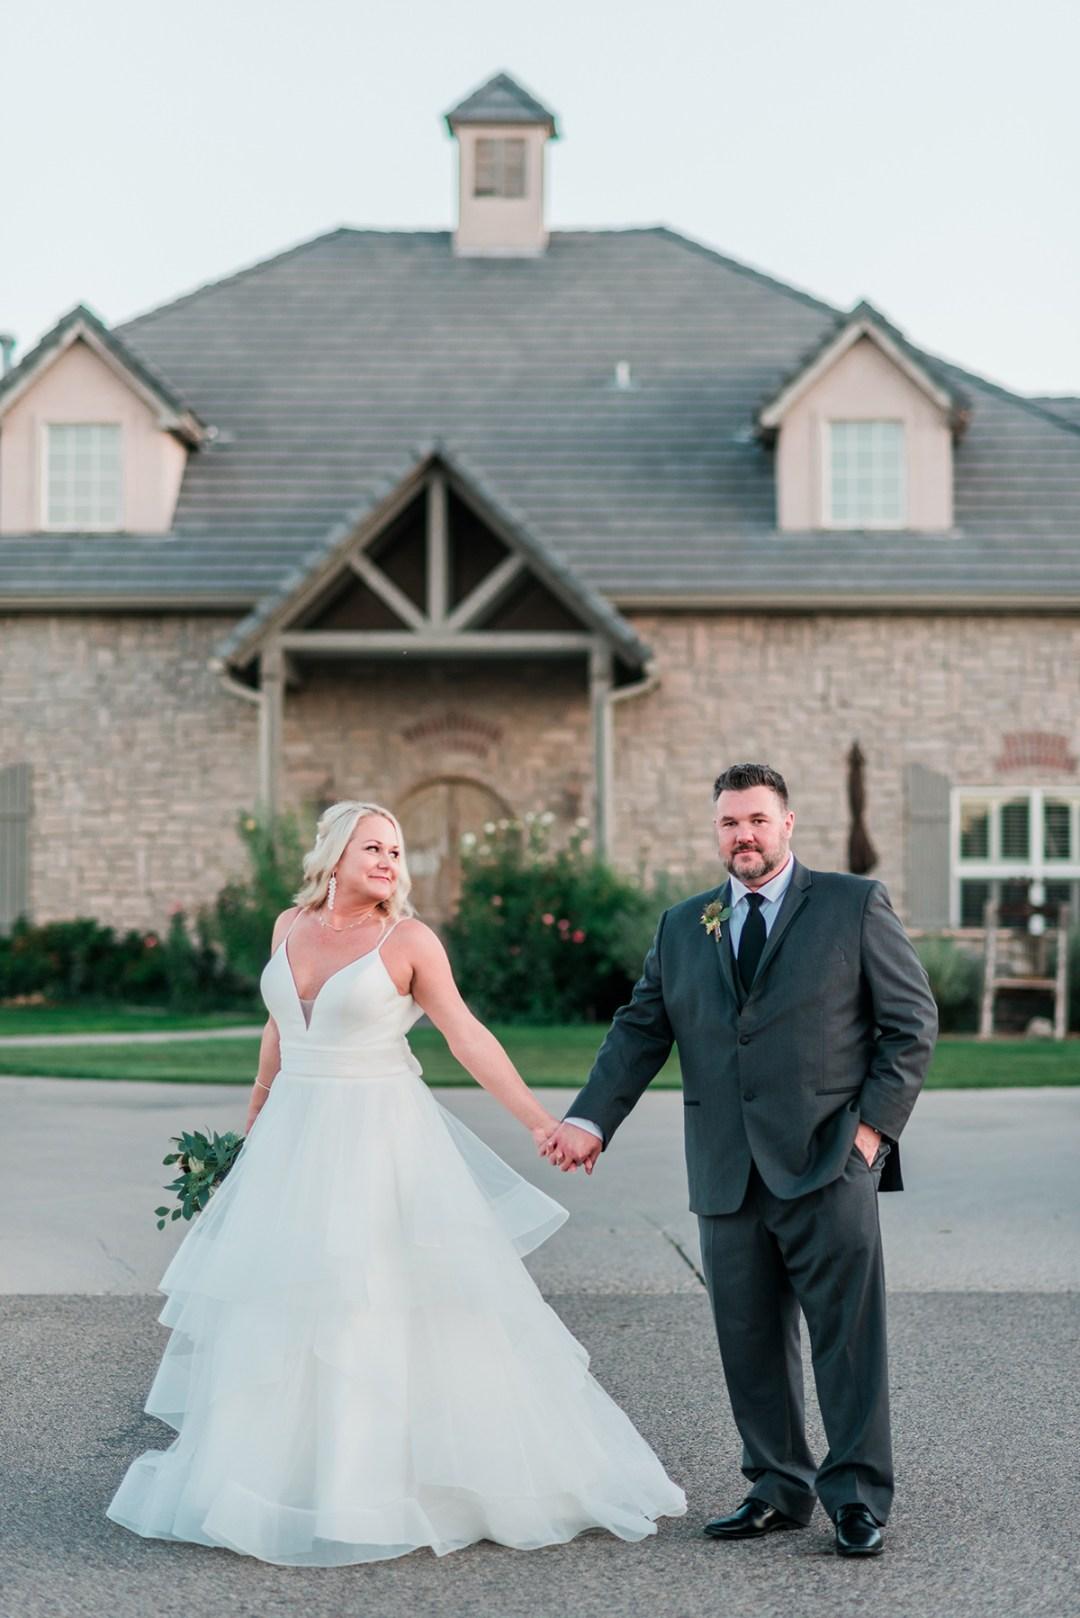 Julie & Derek | Wedding at Two Rivers Winery